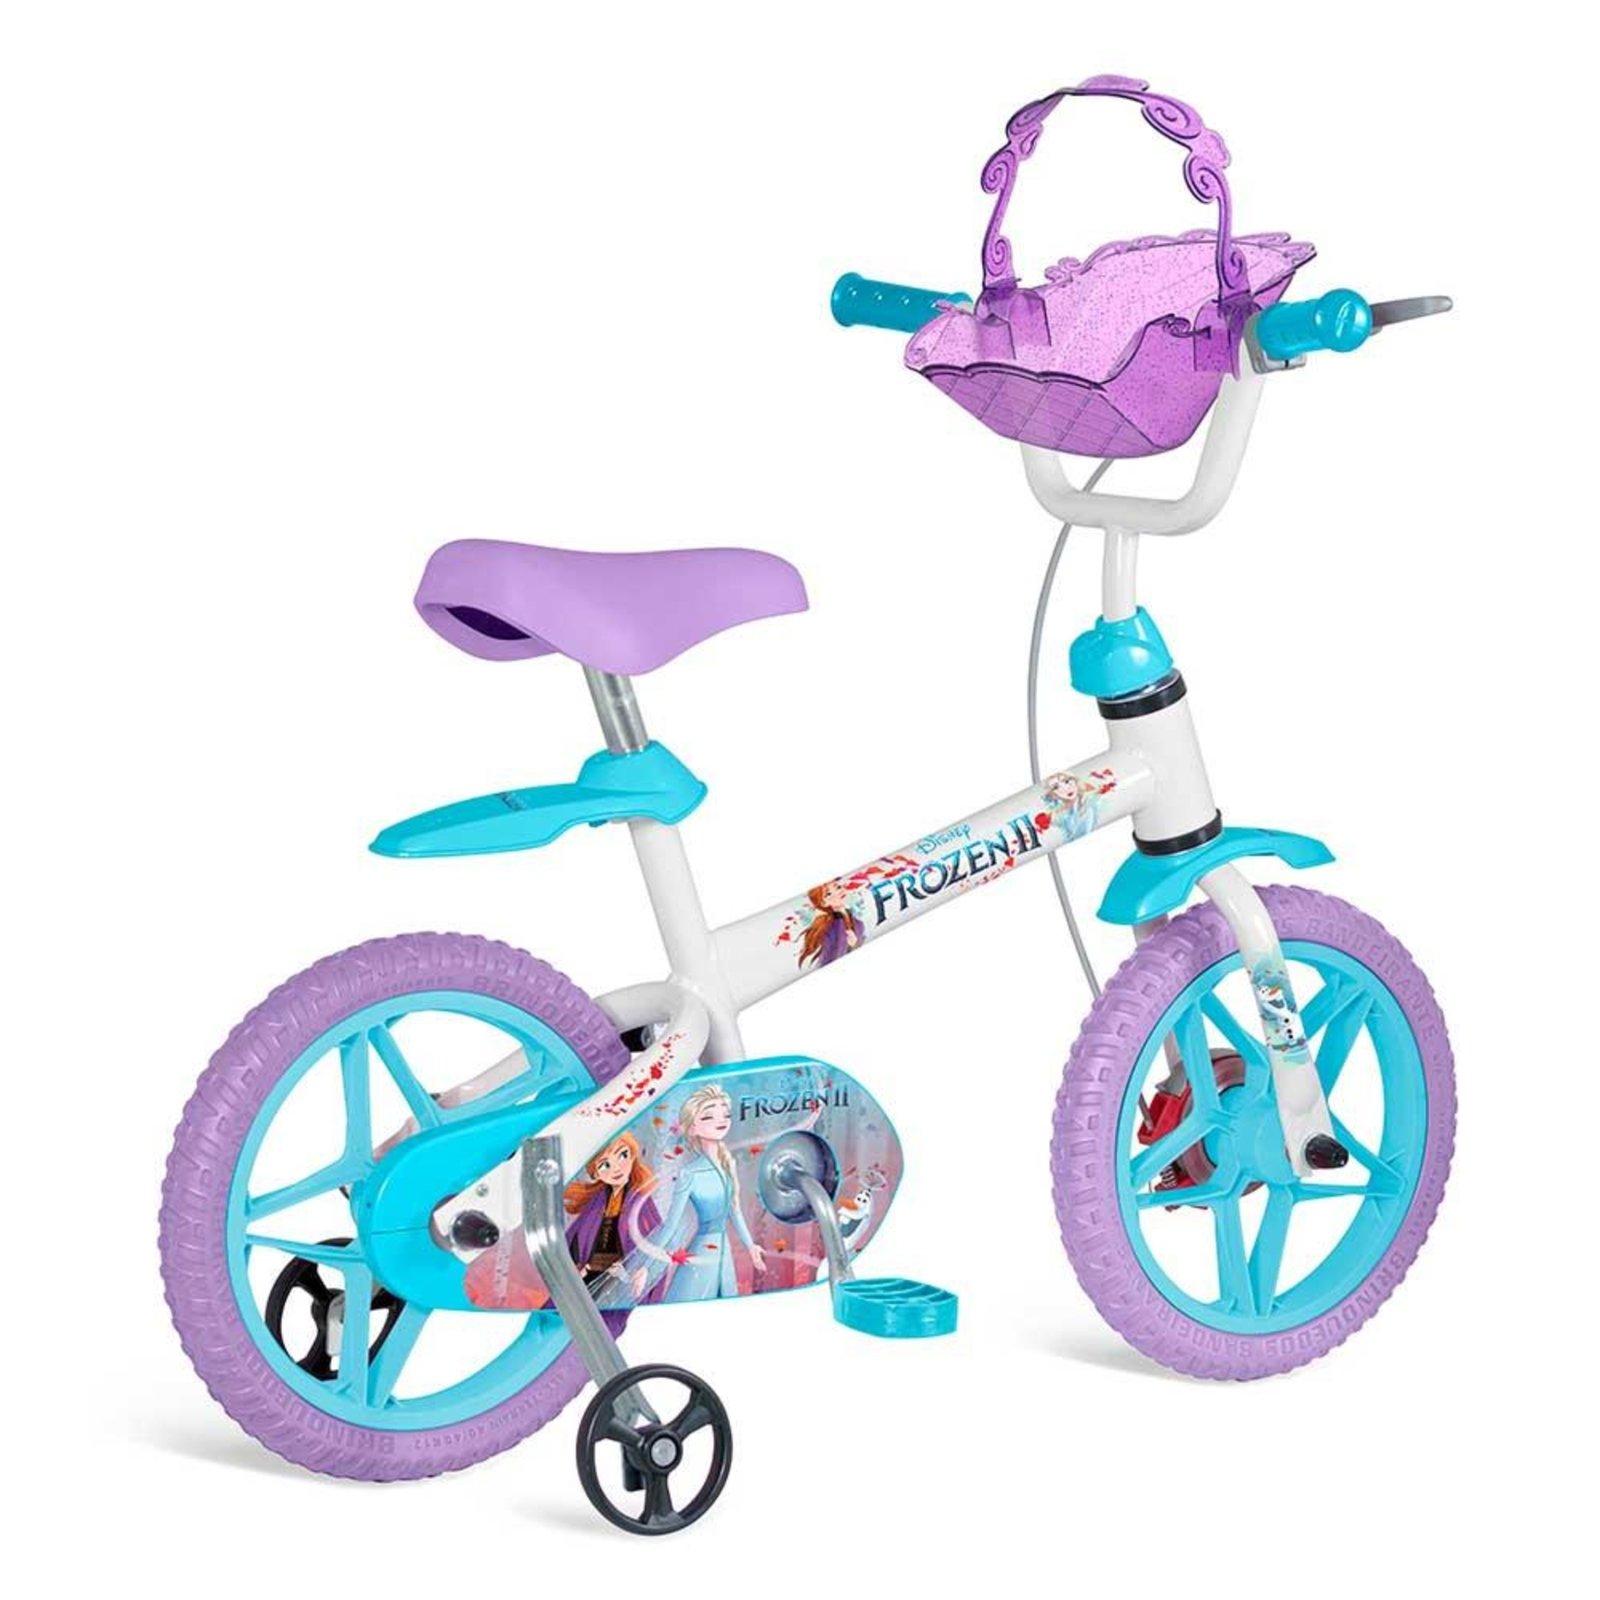 Bicicleta Bandeirante Frozen Aro 12 Rígida 1 Marcha - Lilás